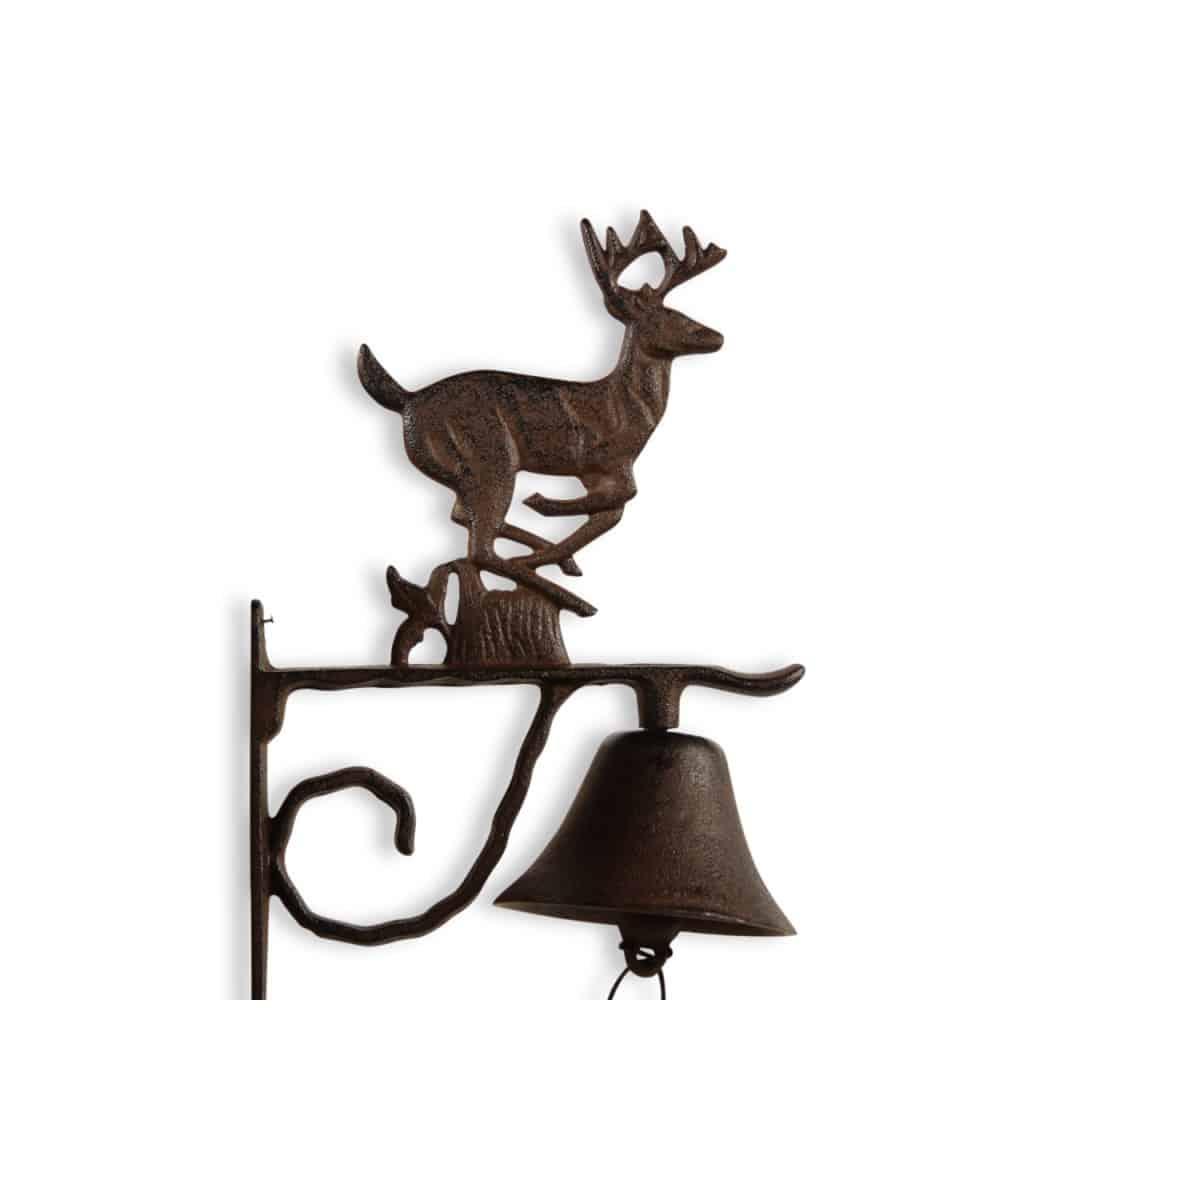 Cloche Cerf Fonte Marron 20.5x11.5x30cm